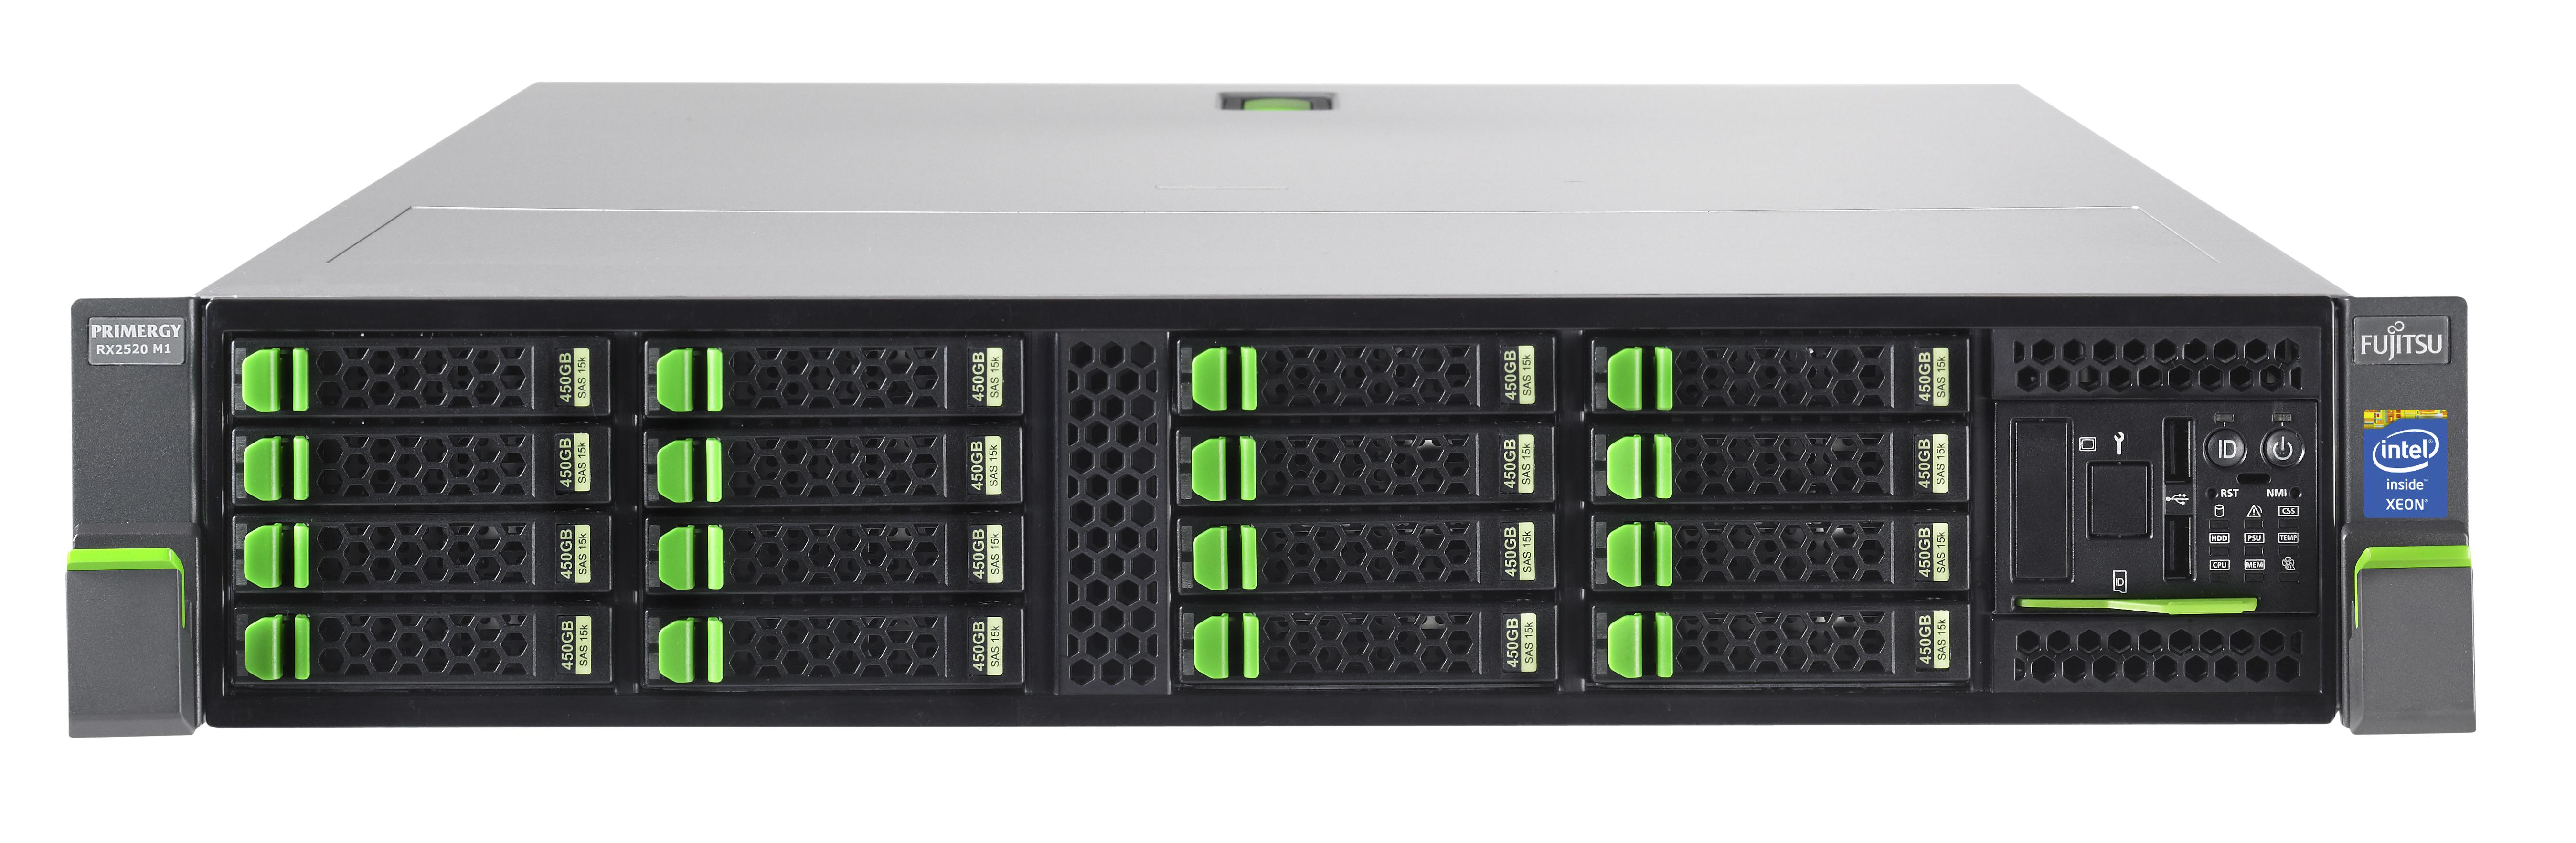 FUJITSU PRIMERGY RX2520 M1 Xeon E5-2403v2 1,8GHz 1x 8GB DDR3-1600 w/o HDD SAS/SATA 6,4cm 2,5Zoll DVDRW 1x SV hp 450W 3J VOS